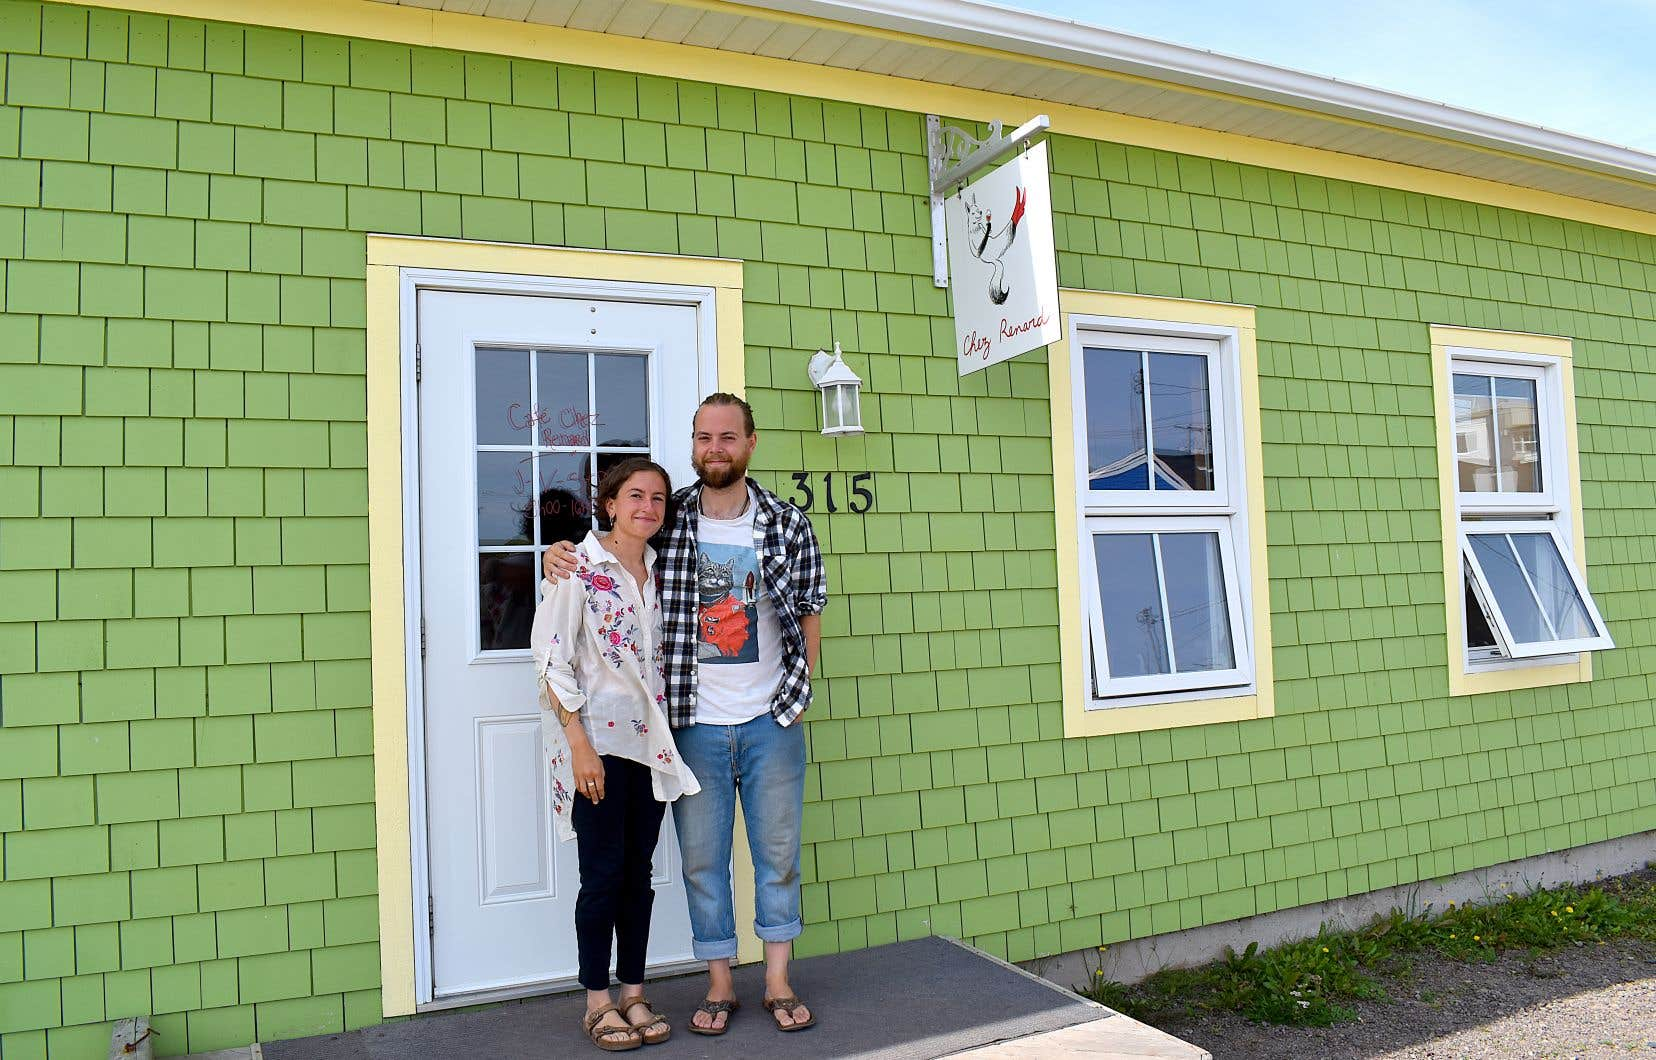 Les deux propriétaires de Chez Renard ont reçu une réponse très positive dès l'ouverture de leur café-buvette à Cap-aux-Meules il y a six mois.